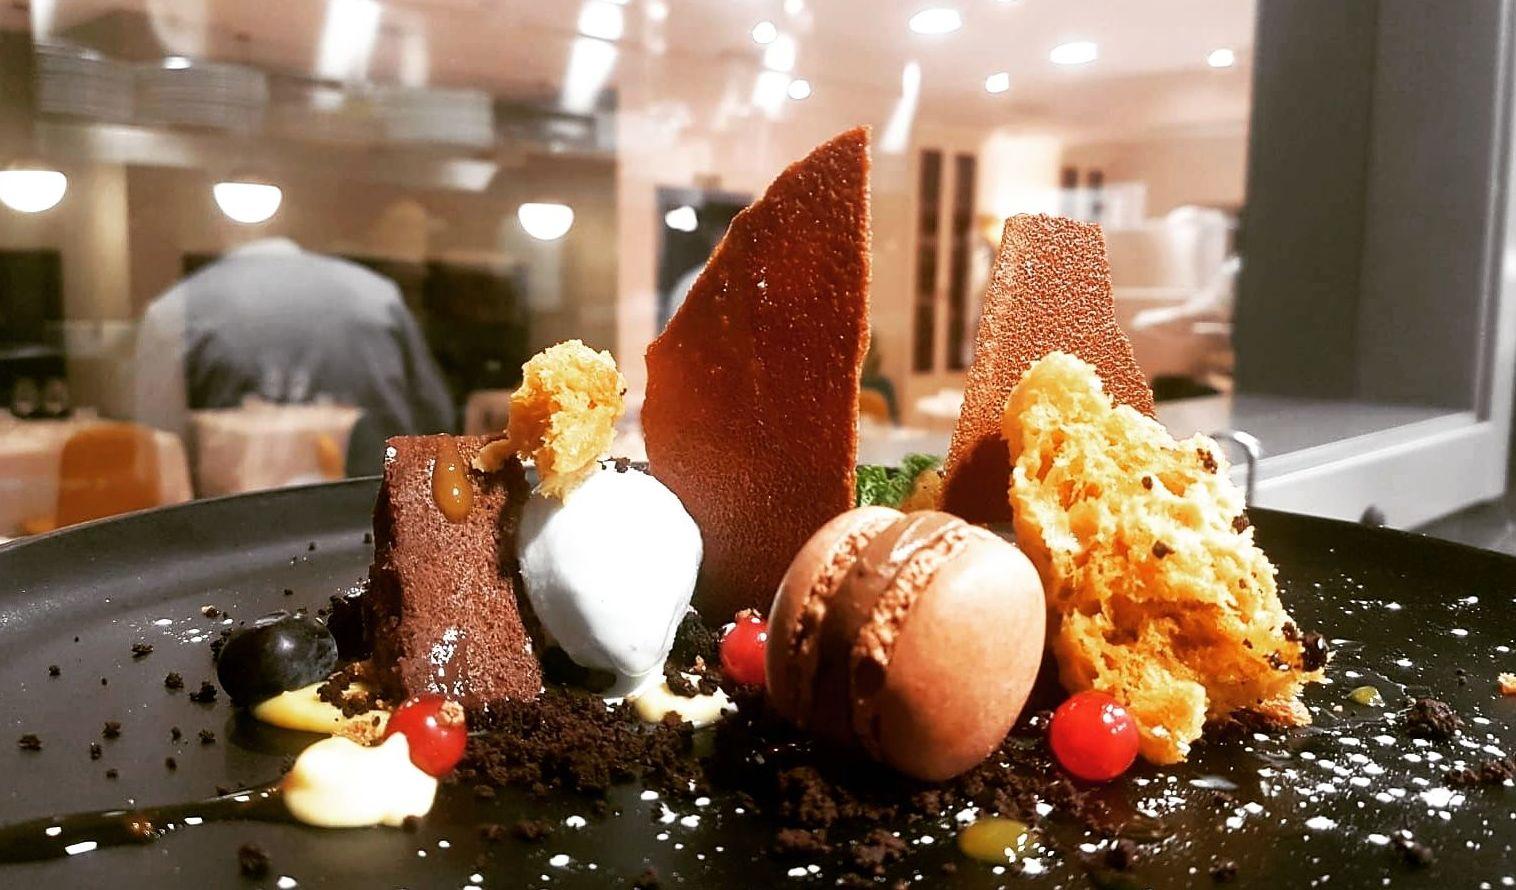 Foto 16 de Hotel con restaurante en  | HOTEL - RESTAURANTE JAVIER MONTERO